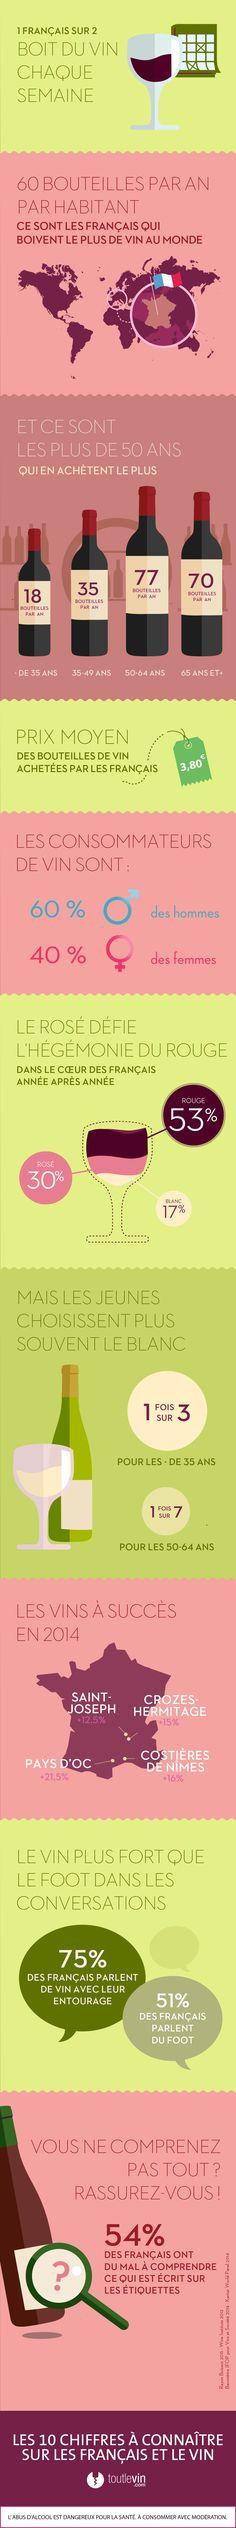 Infographie - 10 chiffres à connaître sur les français et le vin - toutlevin.com